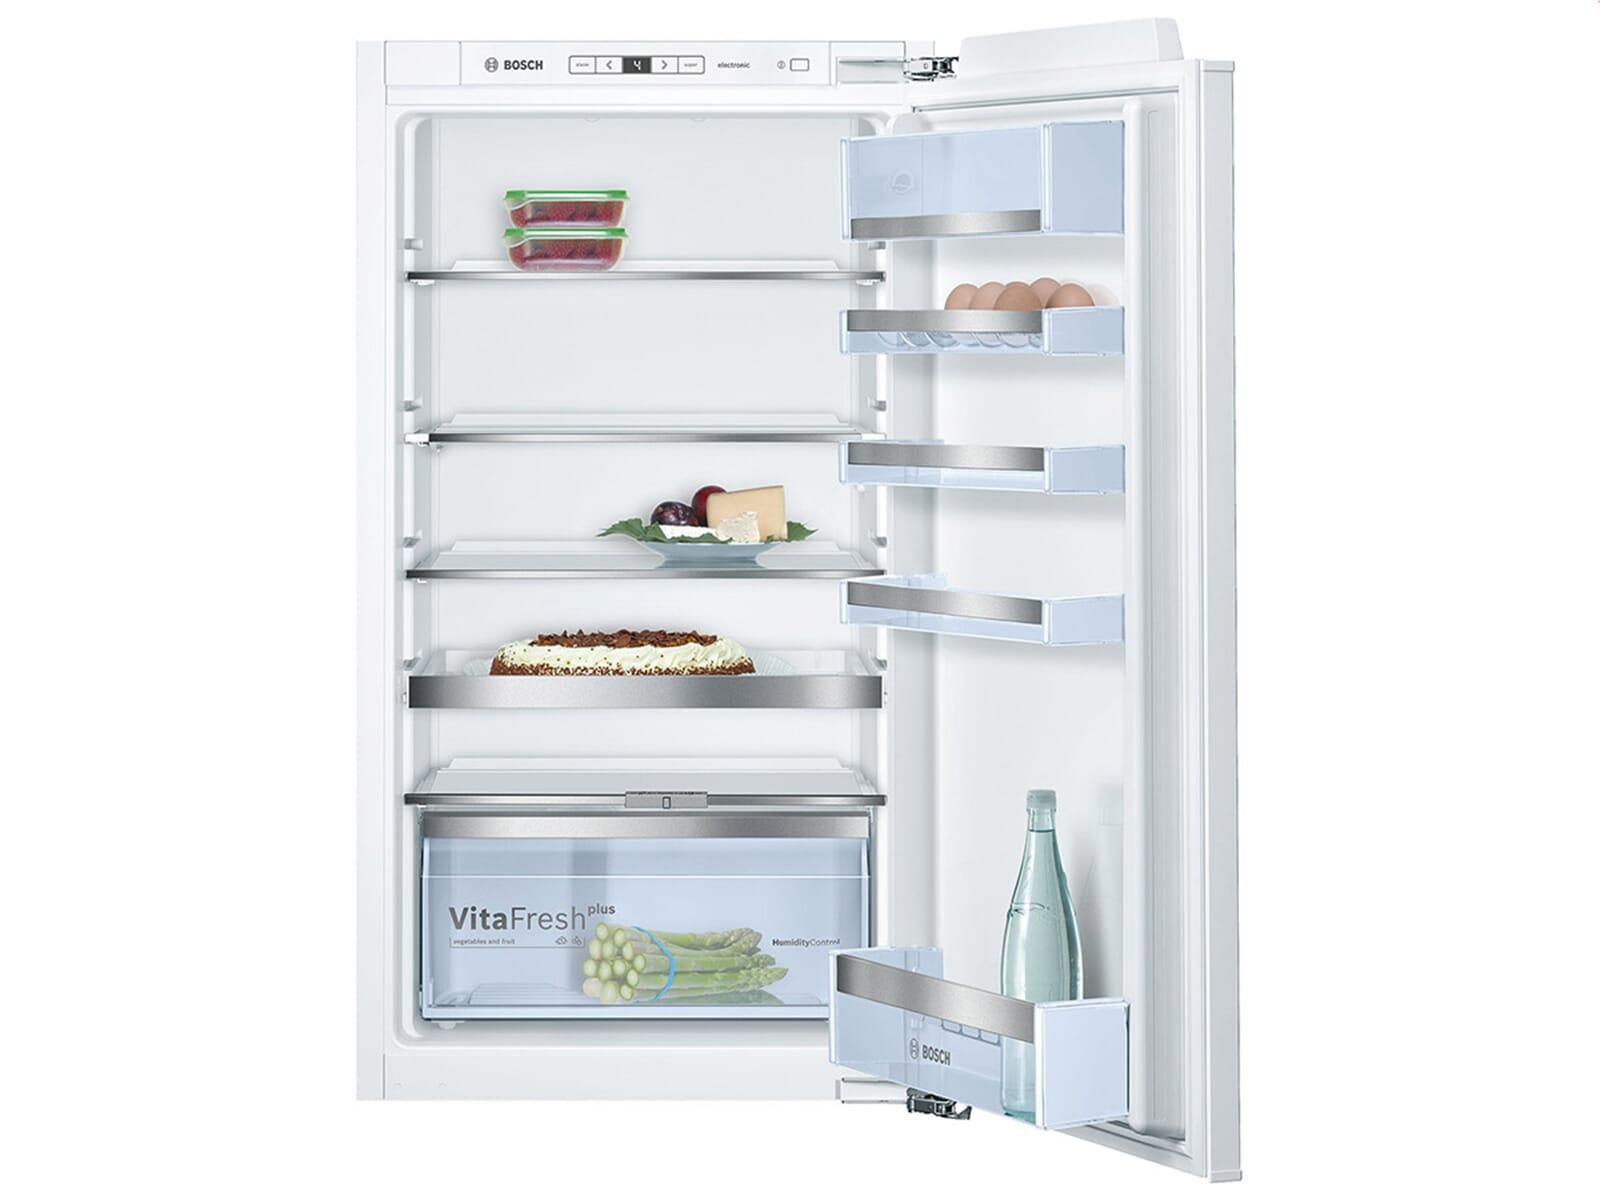 Bosch Kühlschrank Einbau Mit Festtürmontage : Bosch kir ad einbaukühlschrank